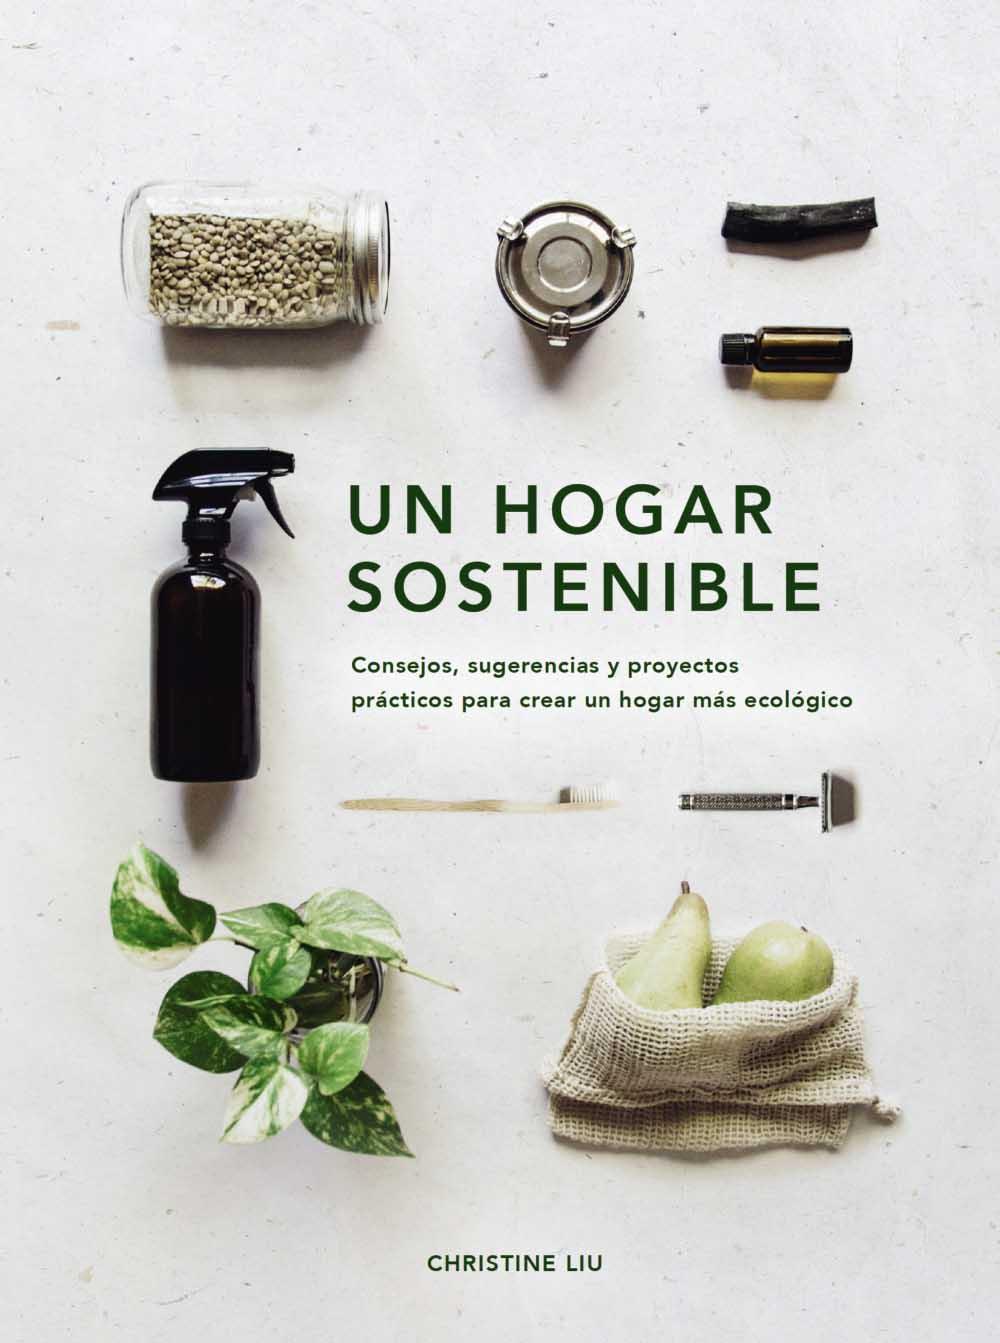 Consejos para un hogar sostenible